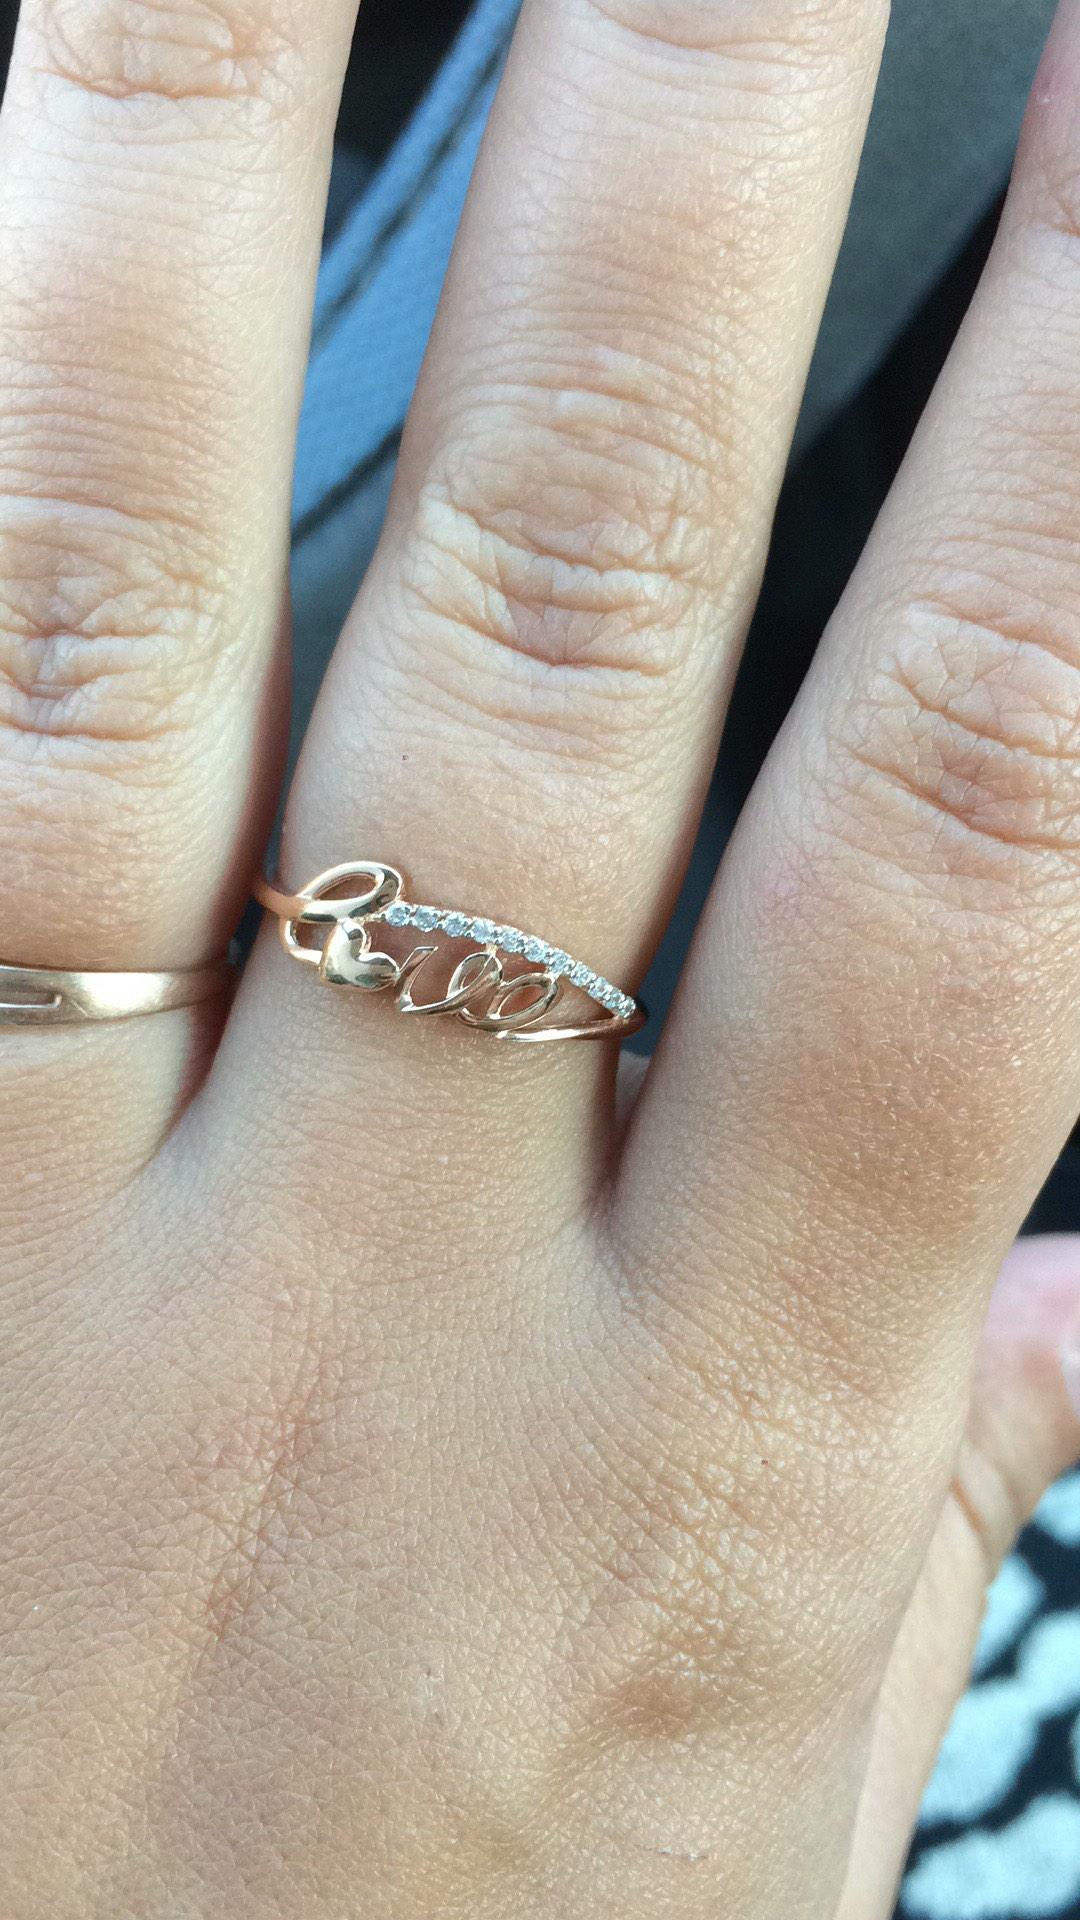 Это кольцо нам досталось по акции в качестве подарка😜